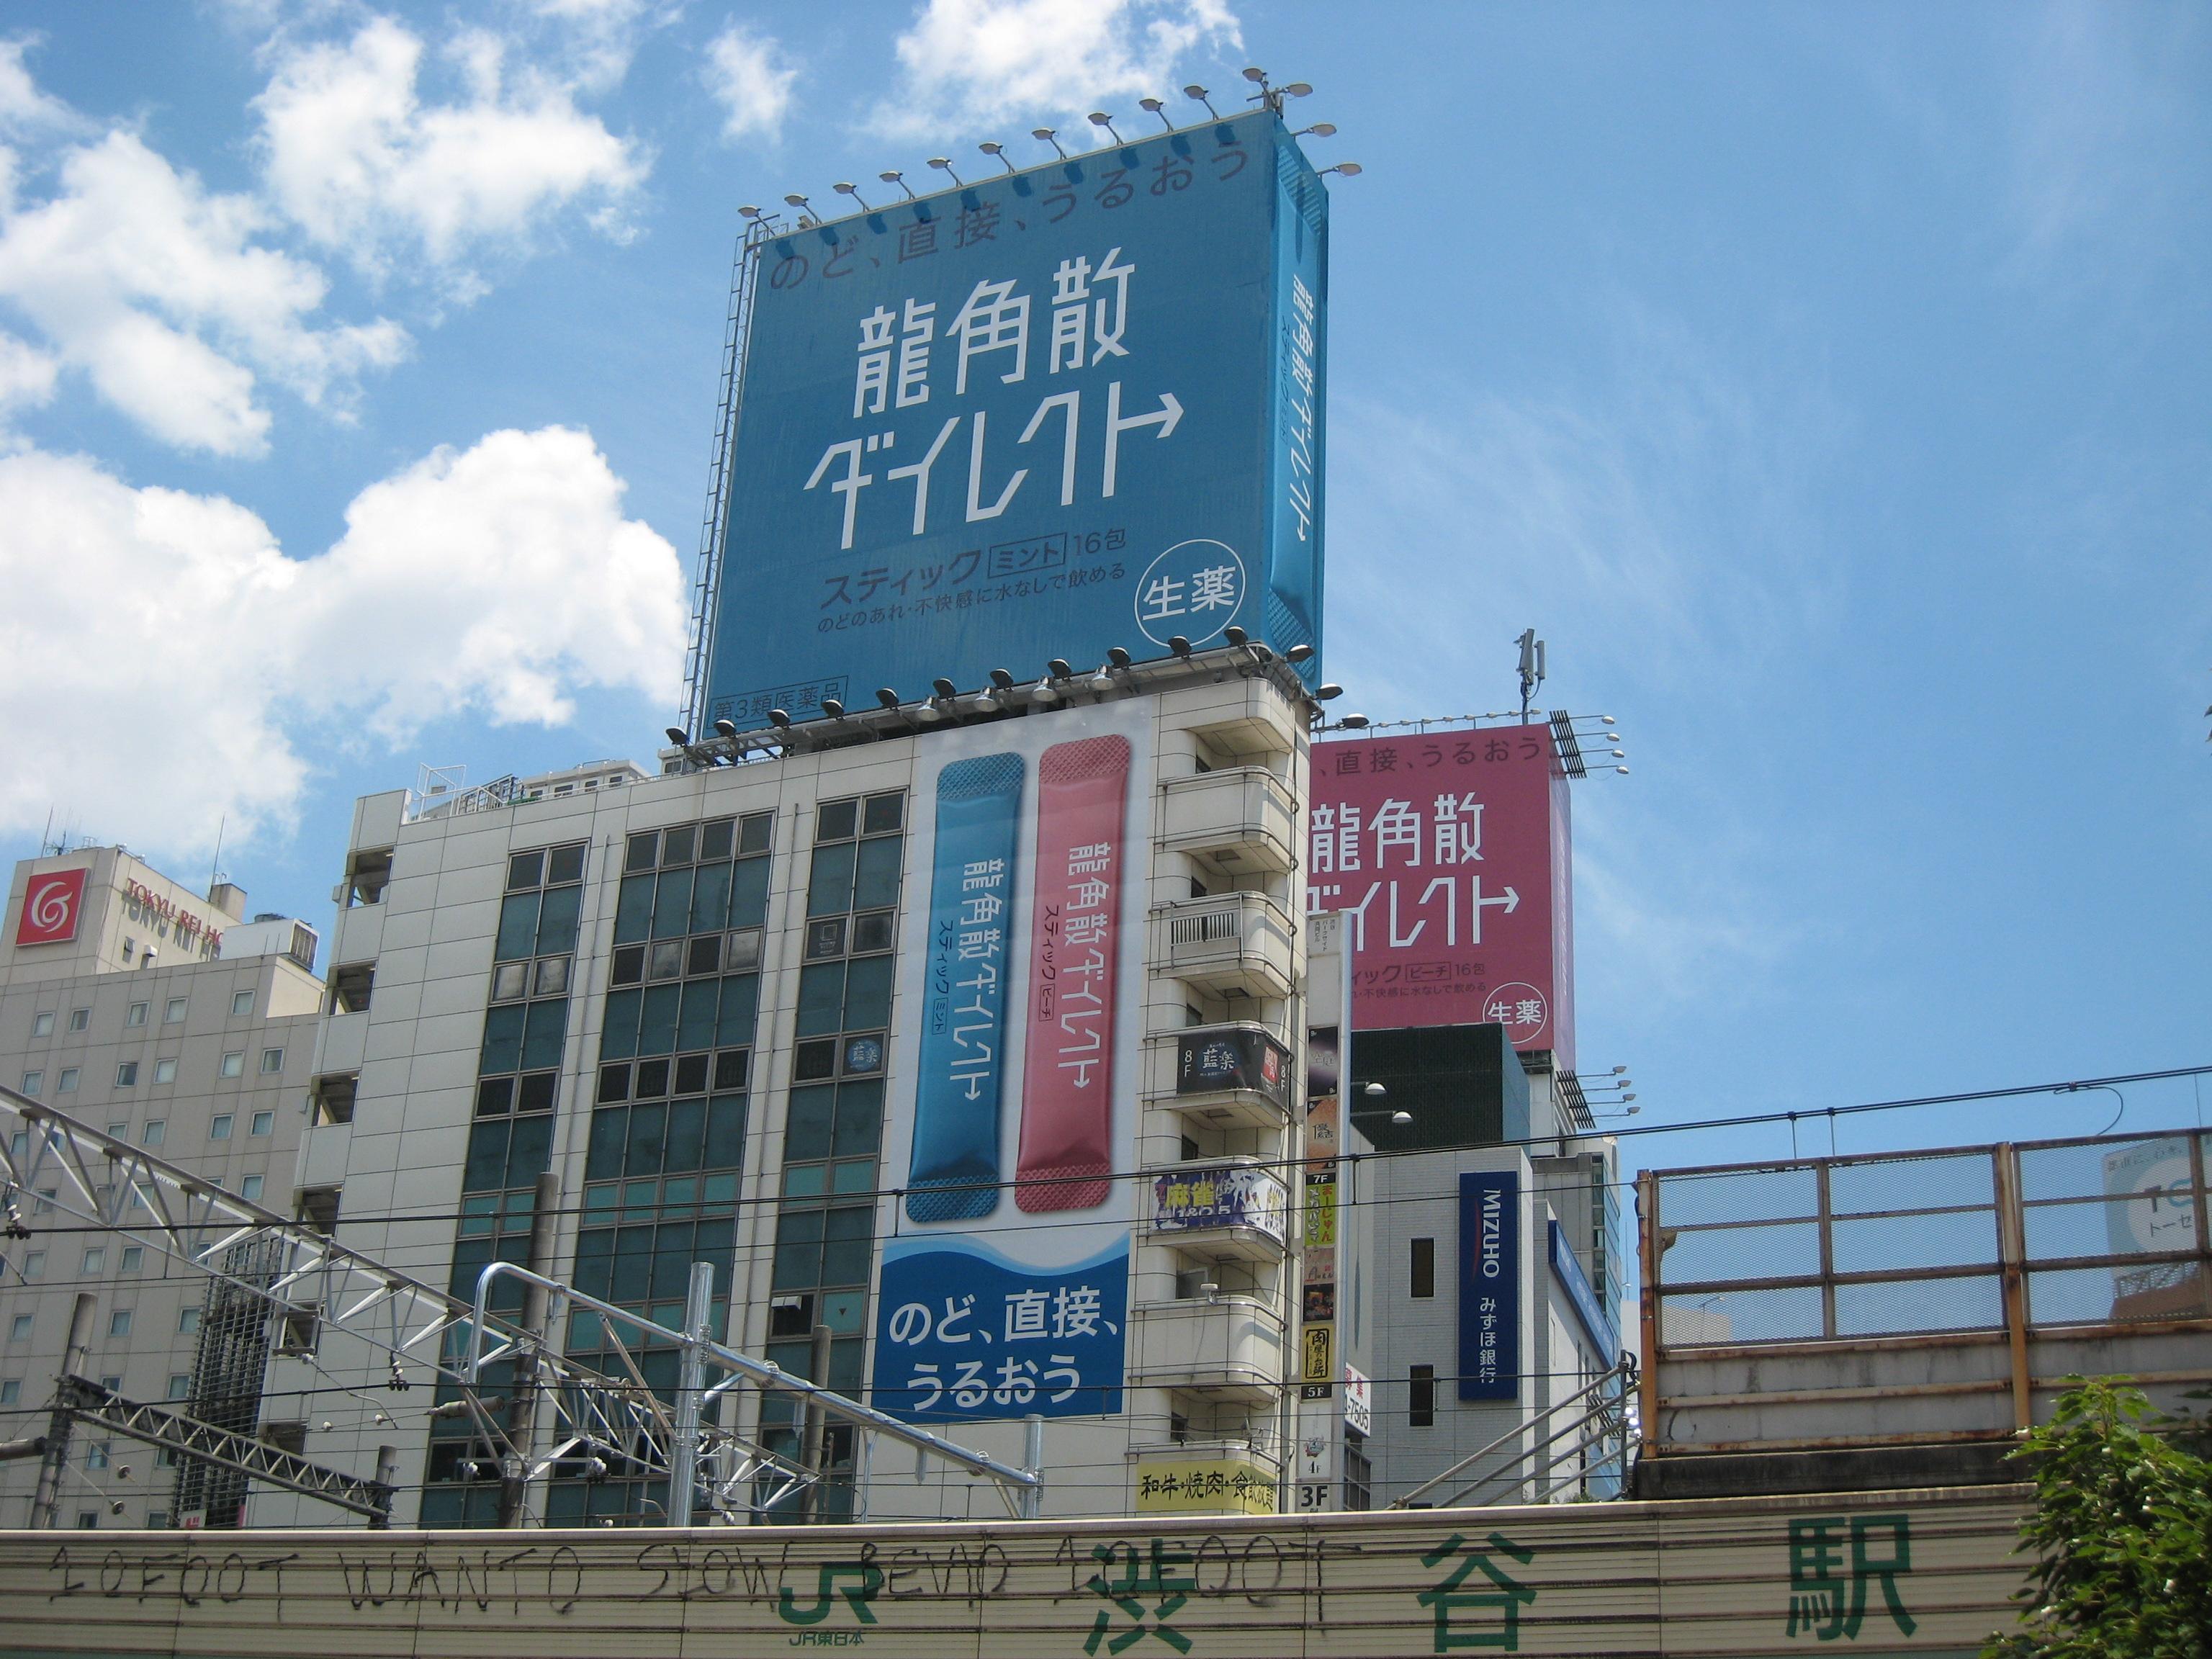 渋谷パークサイド共同ビル屋上、壁面ボード(株式会社龍角散).jpg